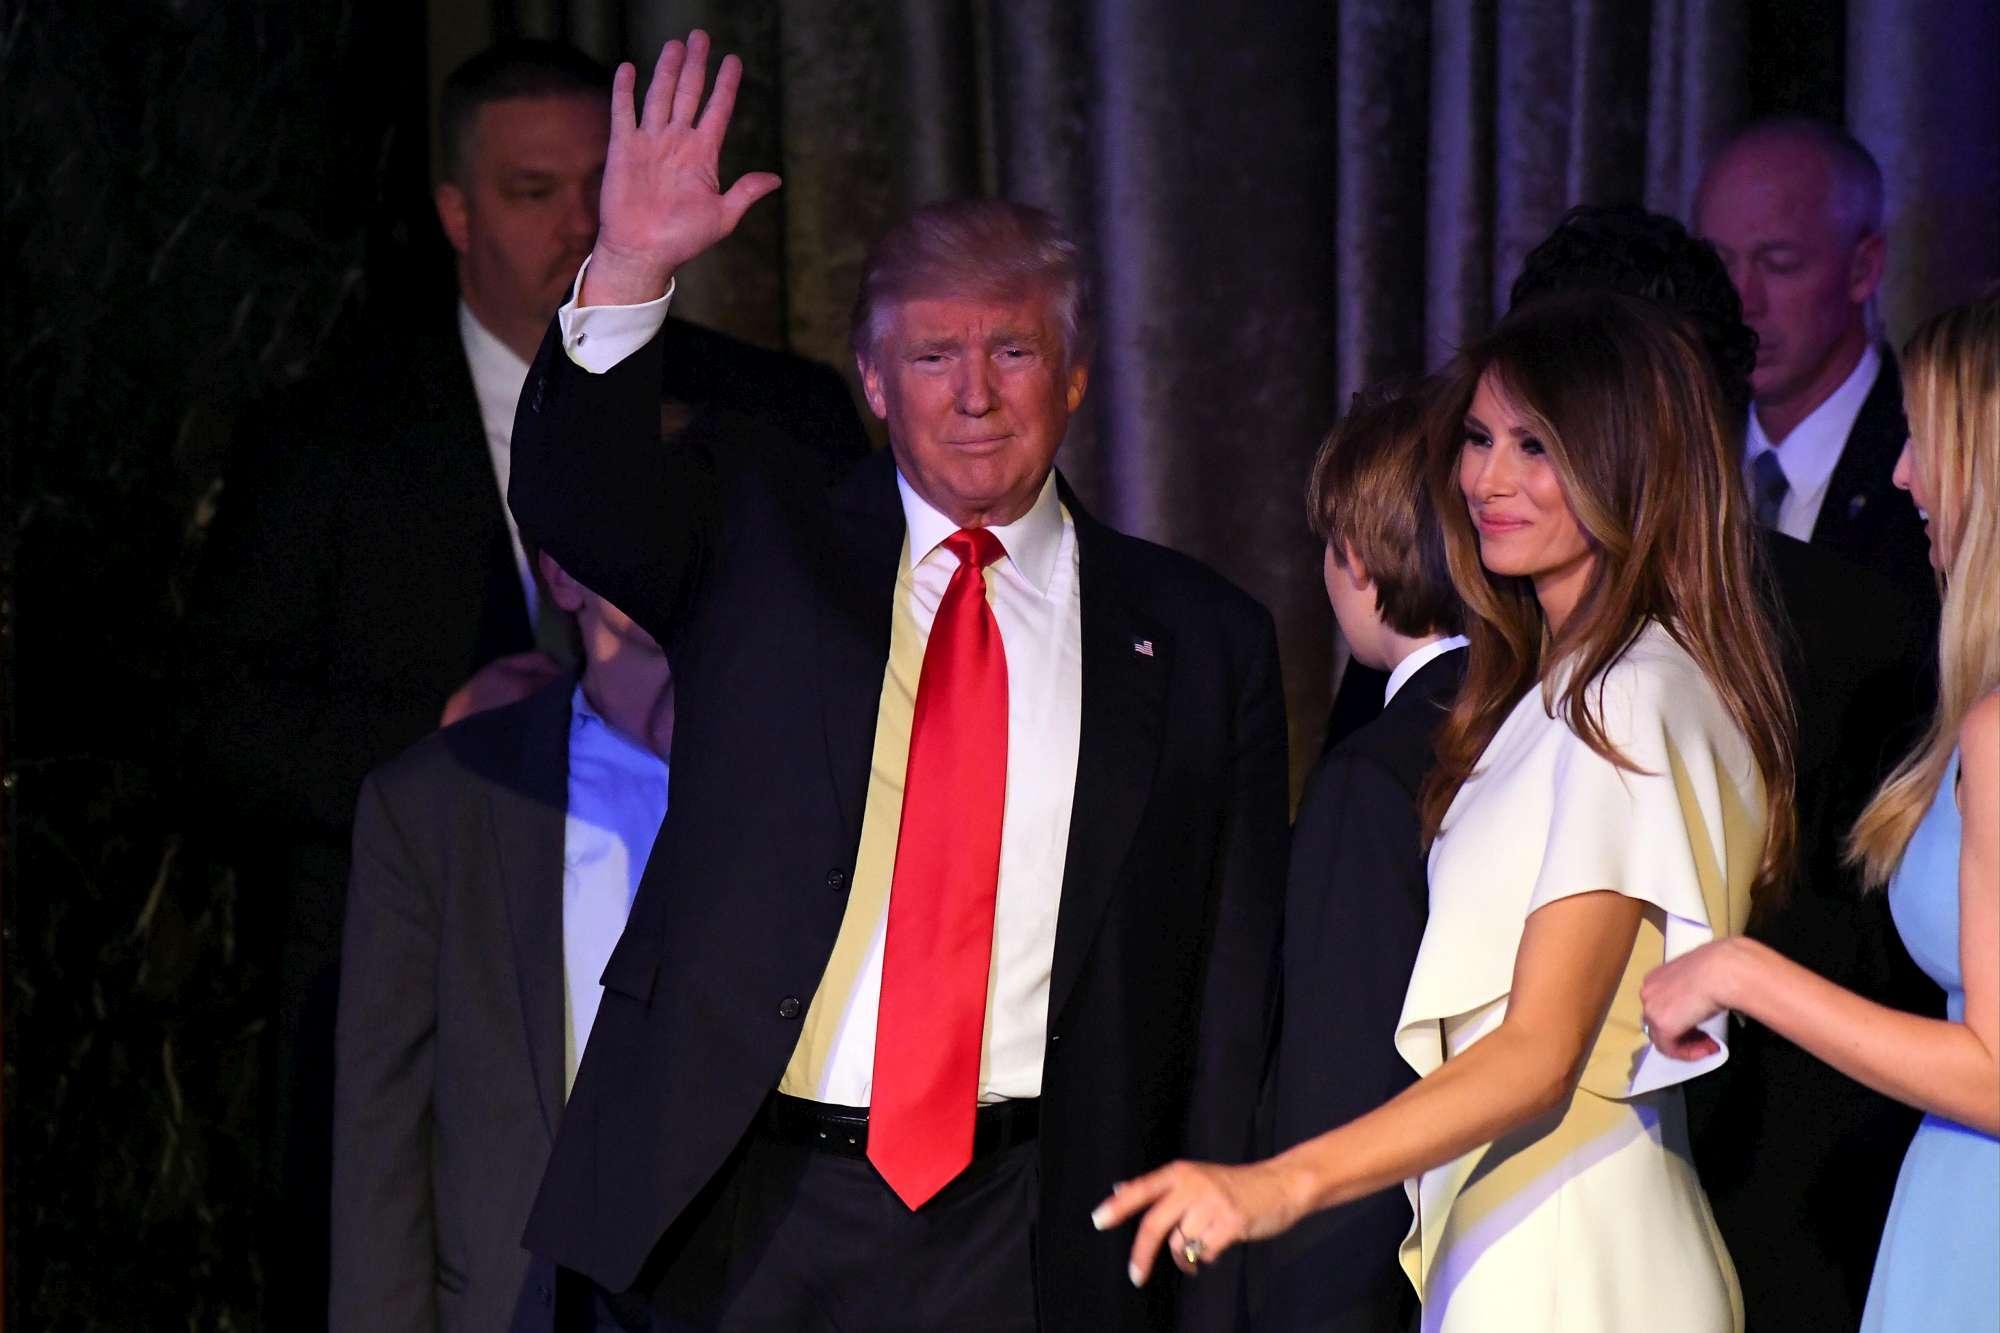 Usa 2016, Trump emozionato sul palco per il primo discorso